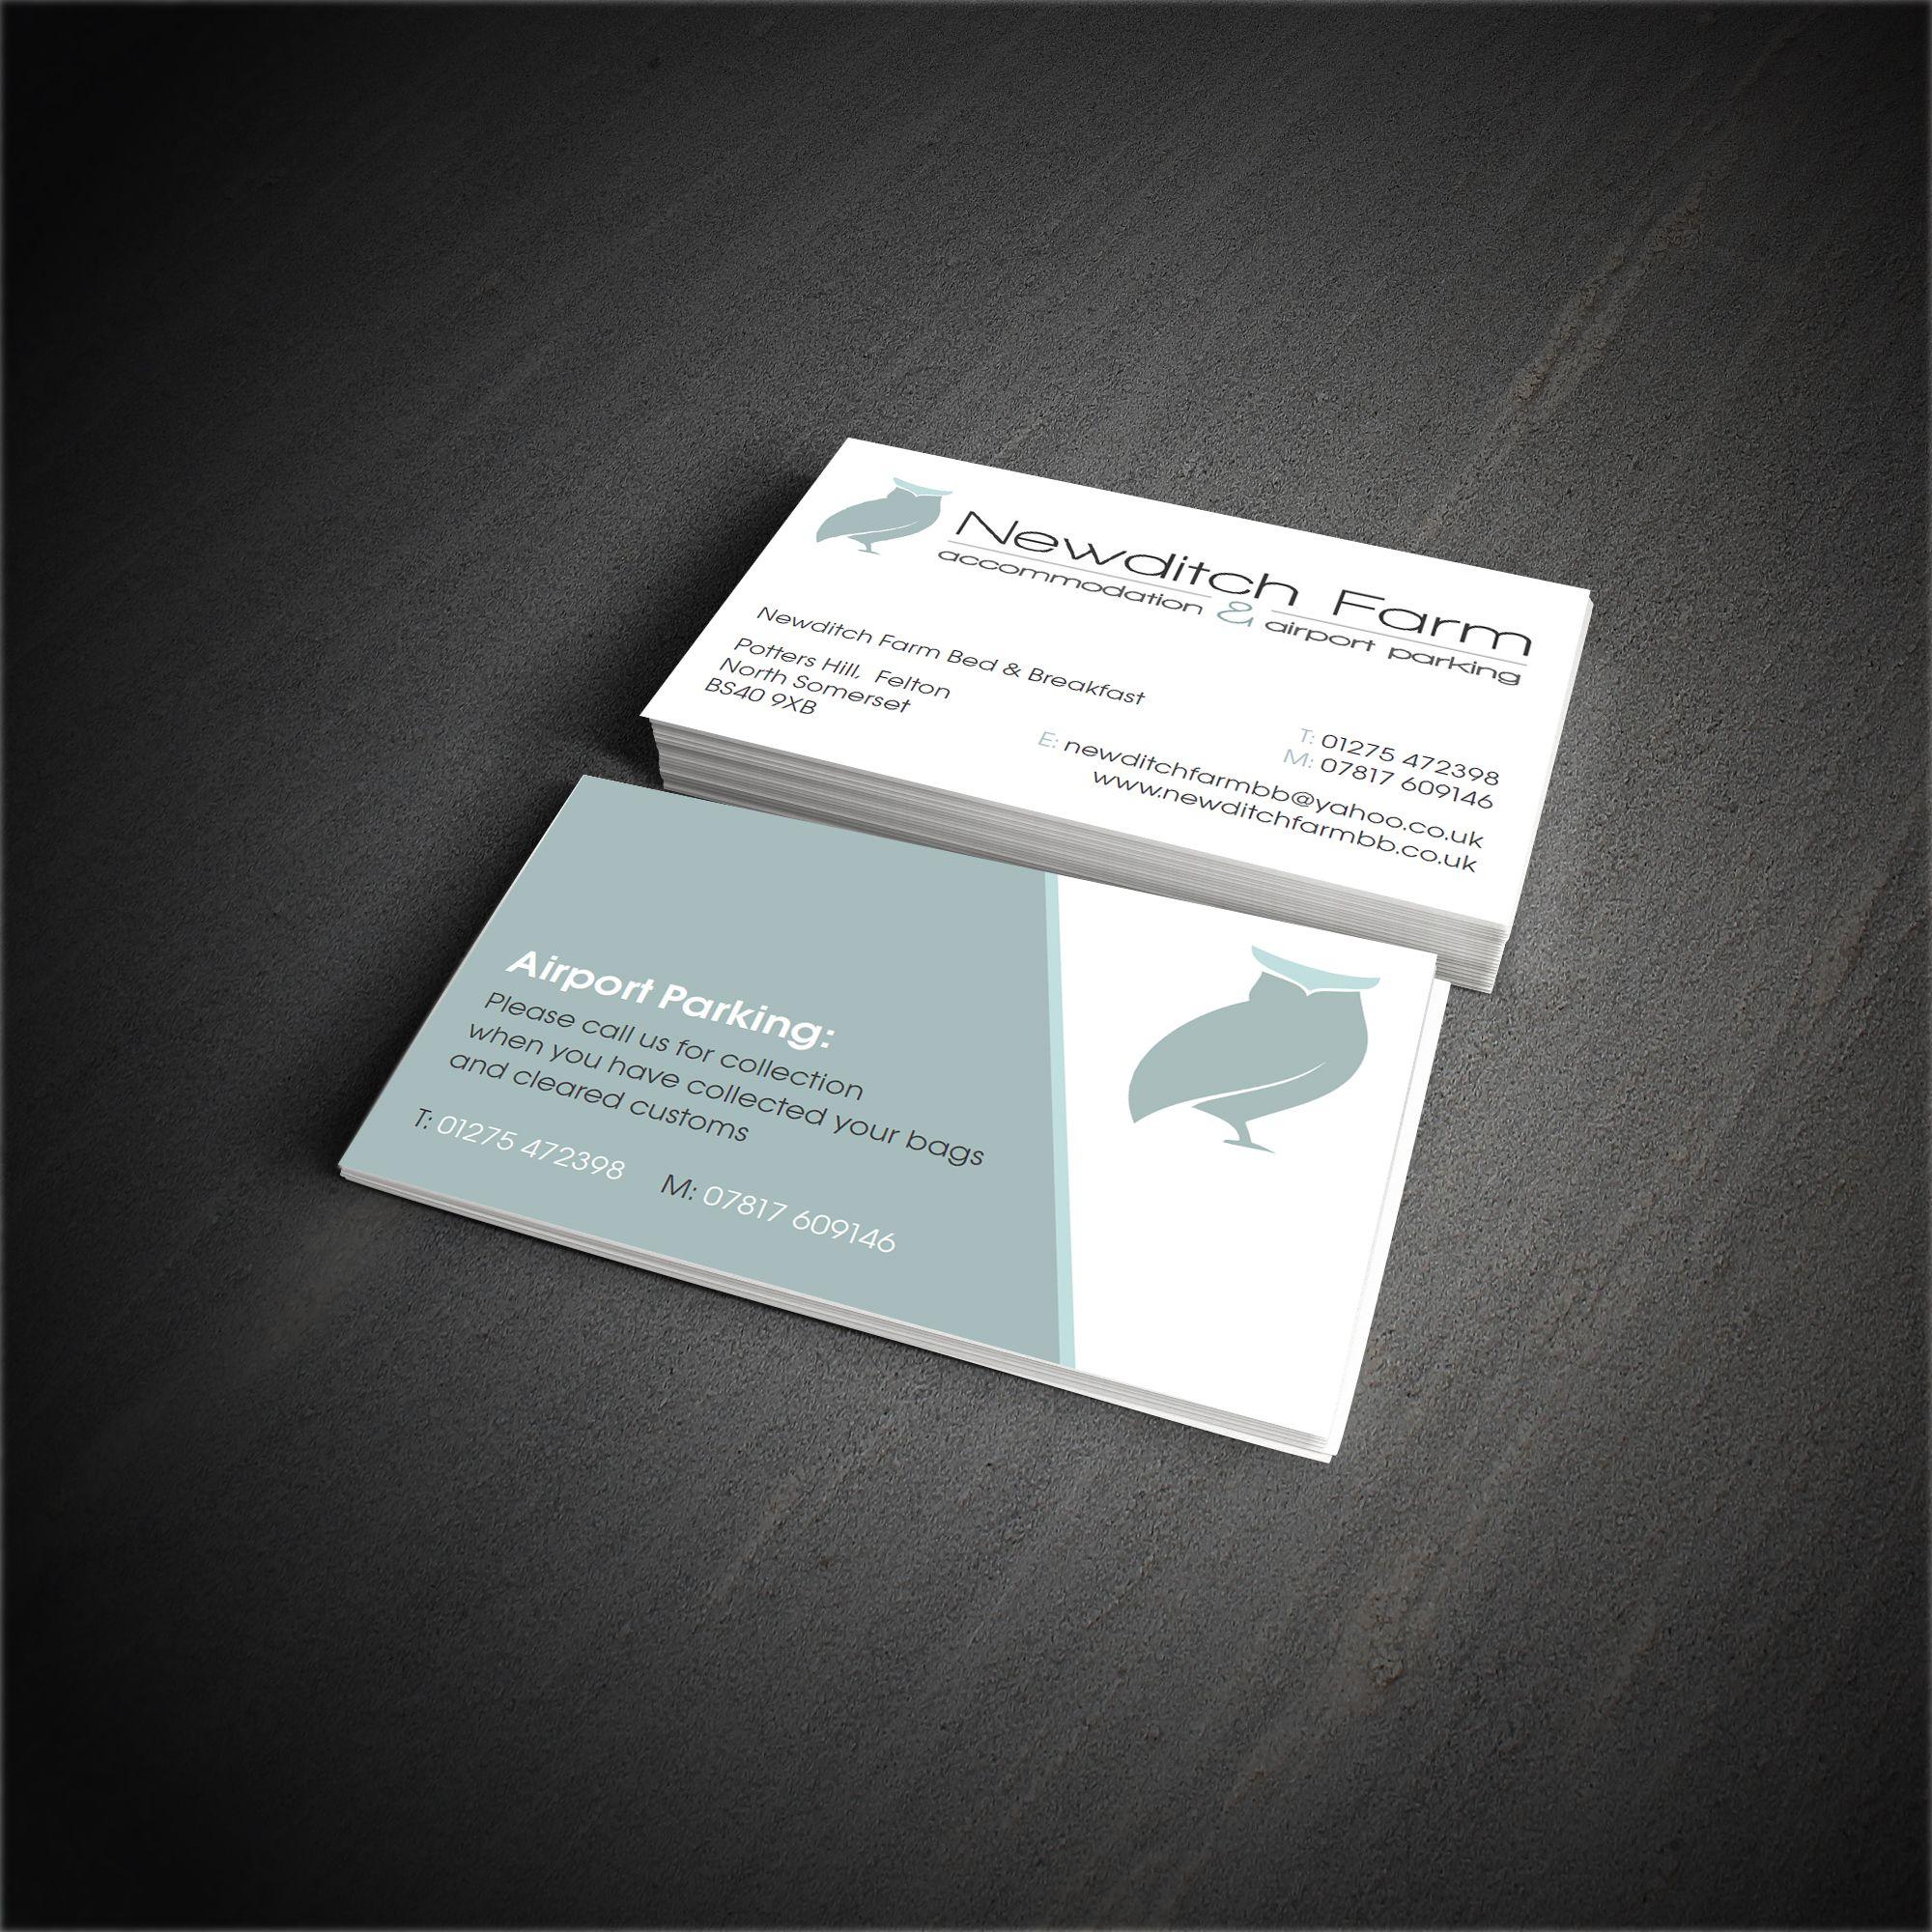 Newditch Farm Business Card Design | Branding & Design | Pinterest ...